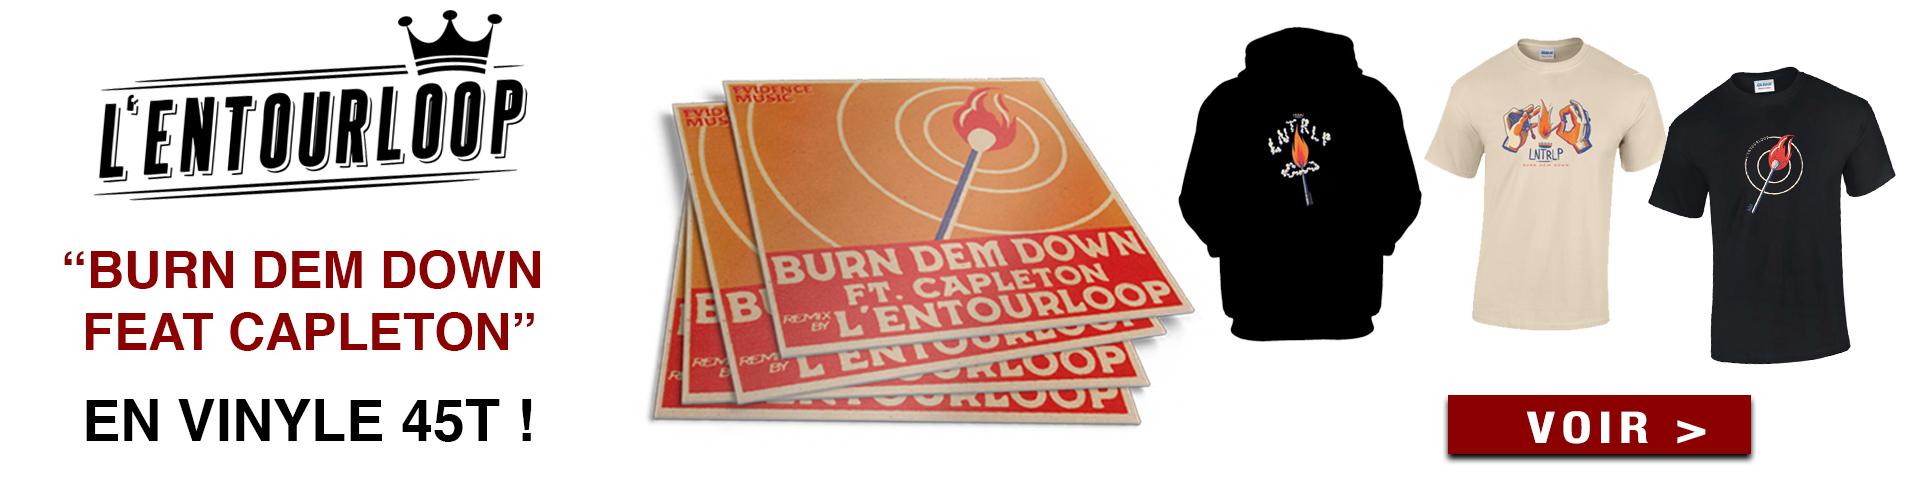 L'Entouroop-Nouveau-vinyle-feat-capleton